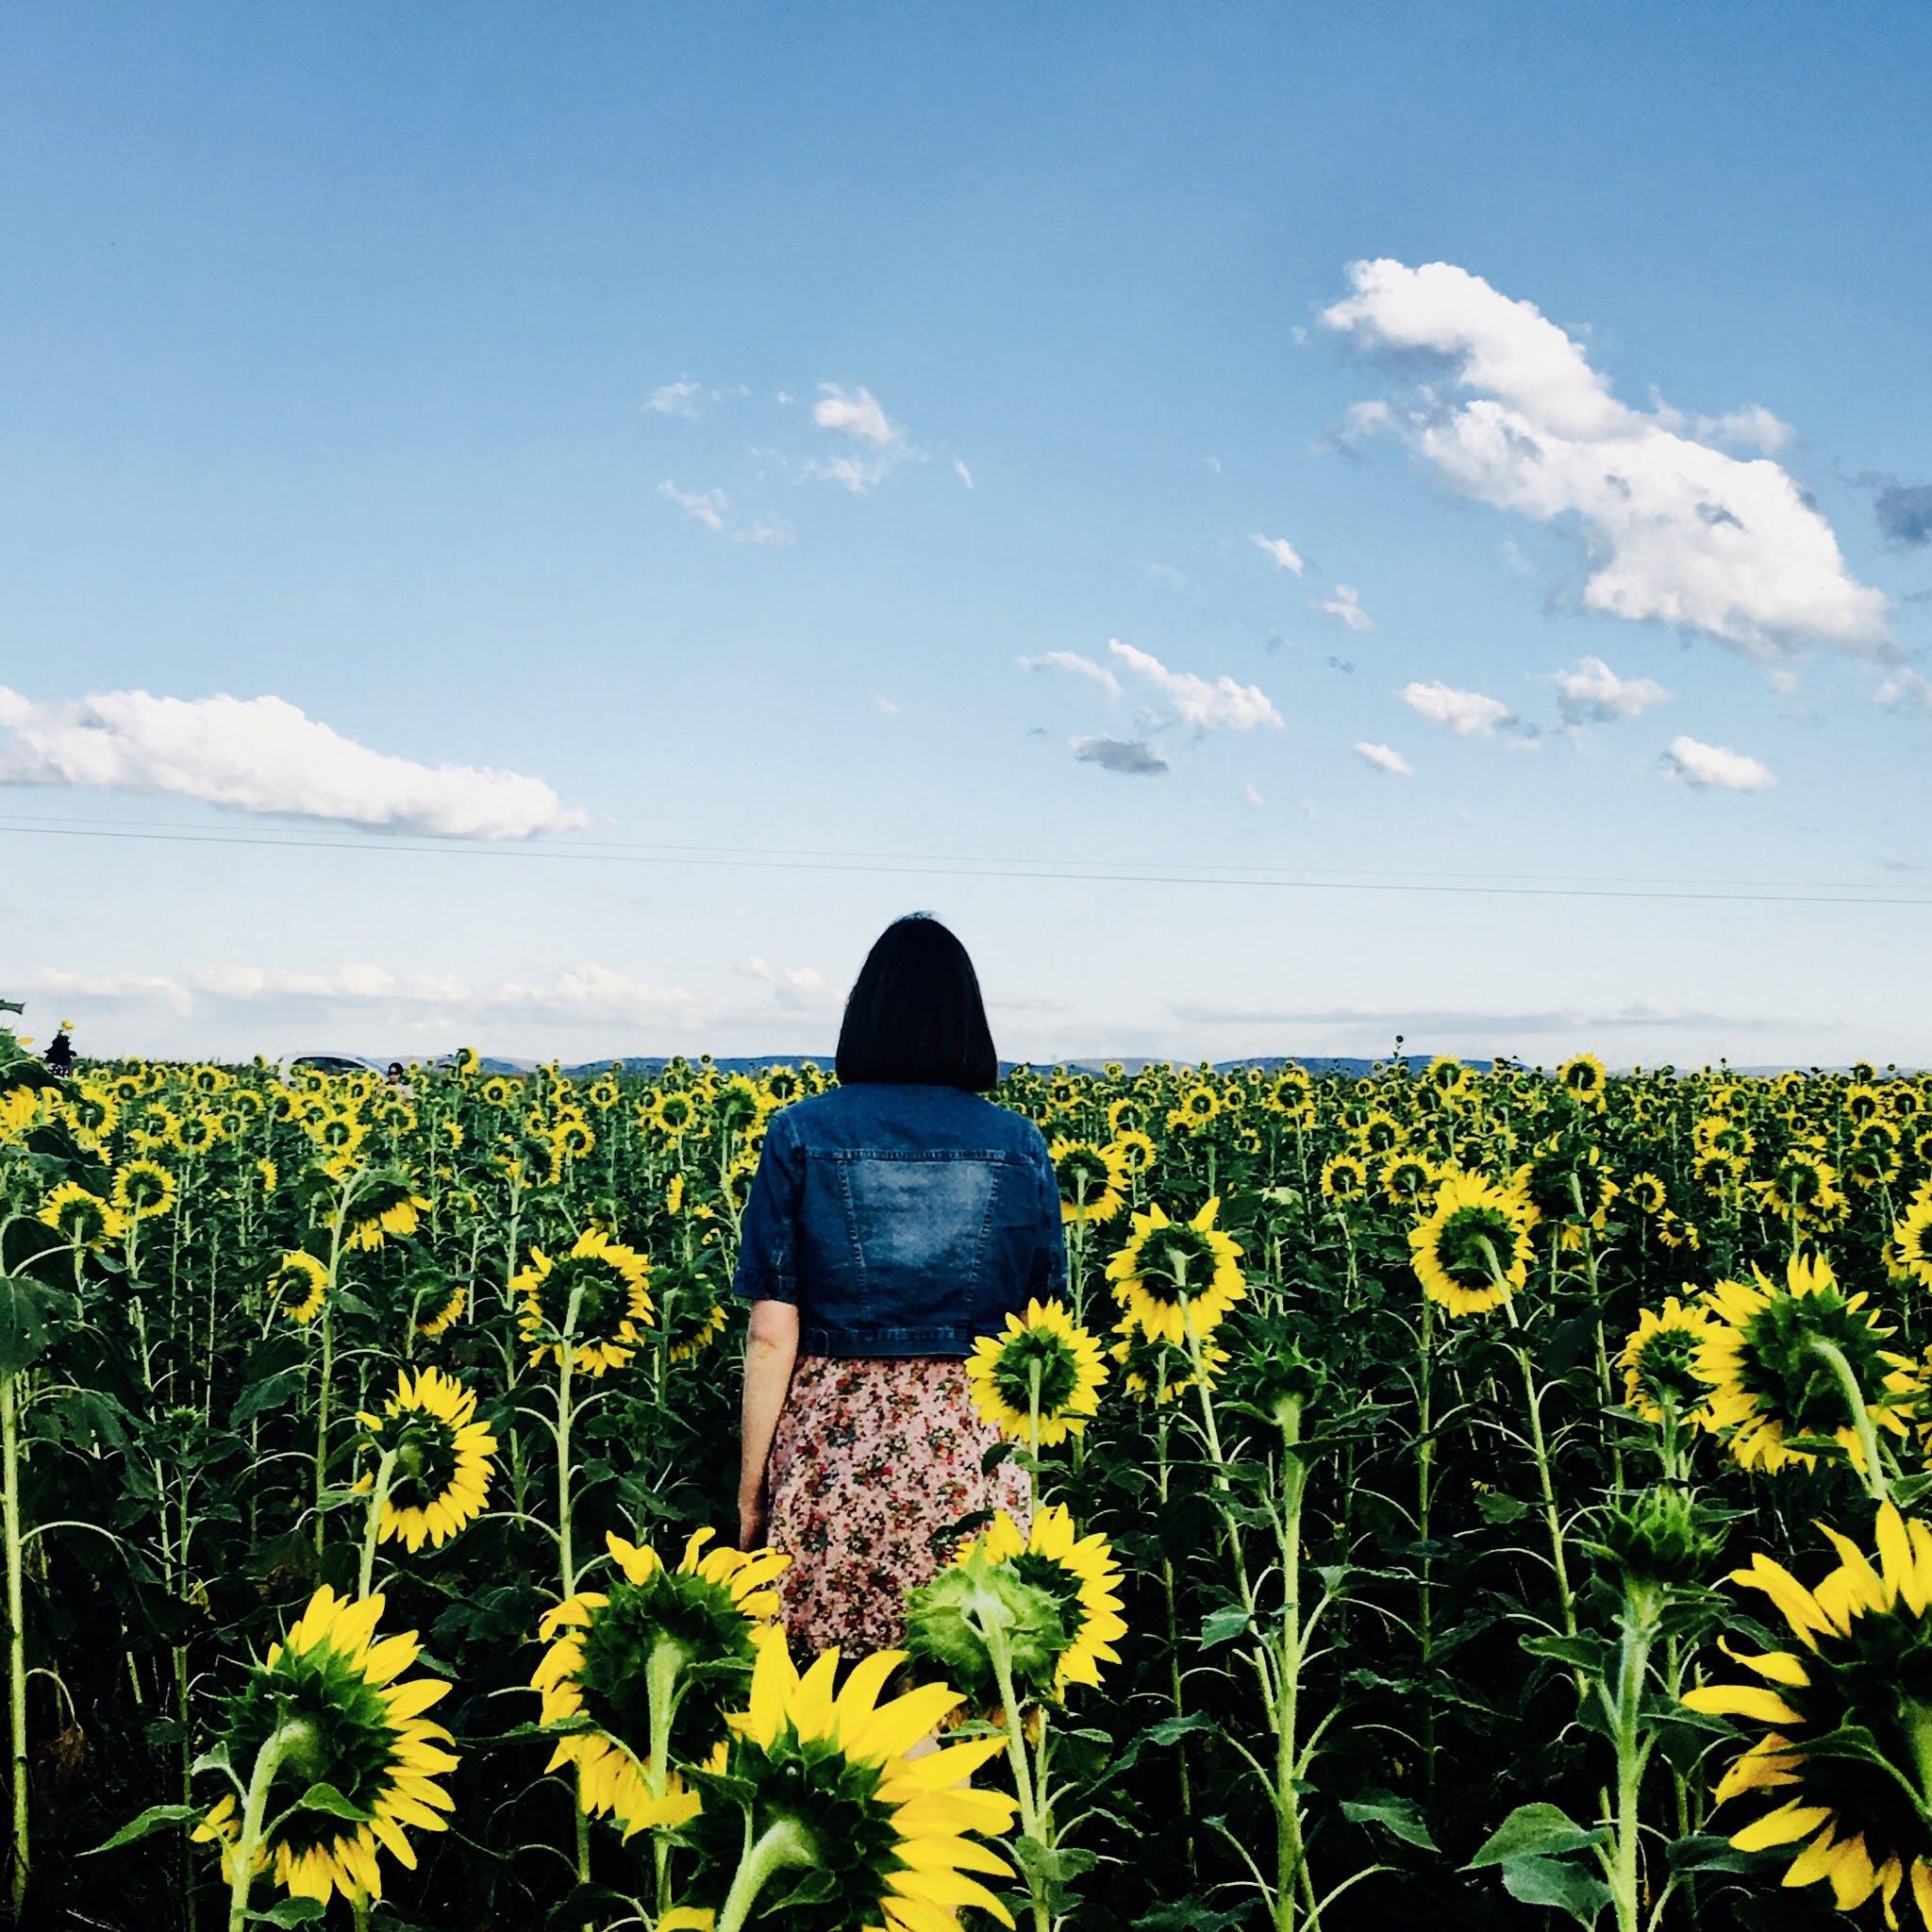 Δωρεάν στοκ φωτογραφιών με αγρόκτημα, ανάπτυξη, ανθισμένος, άνθος